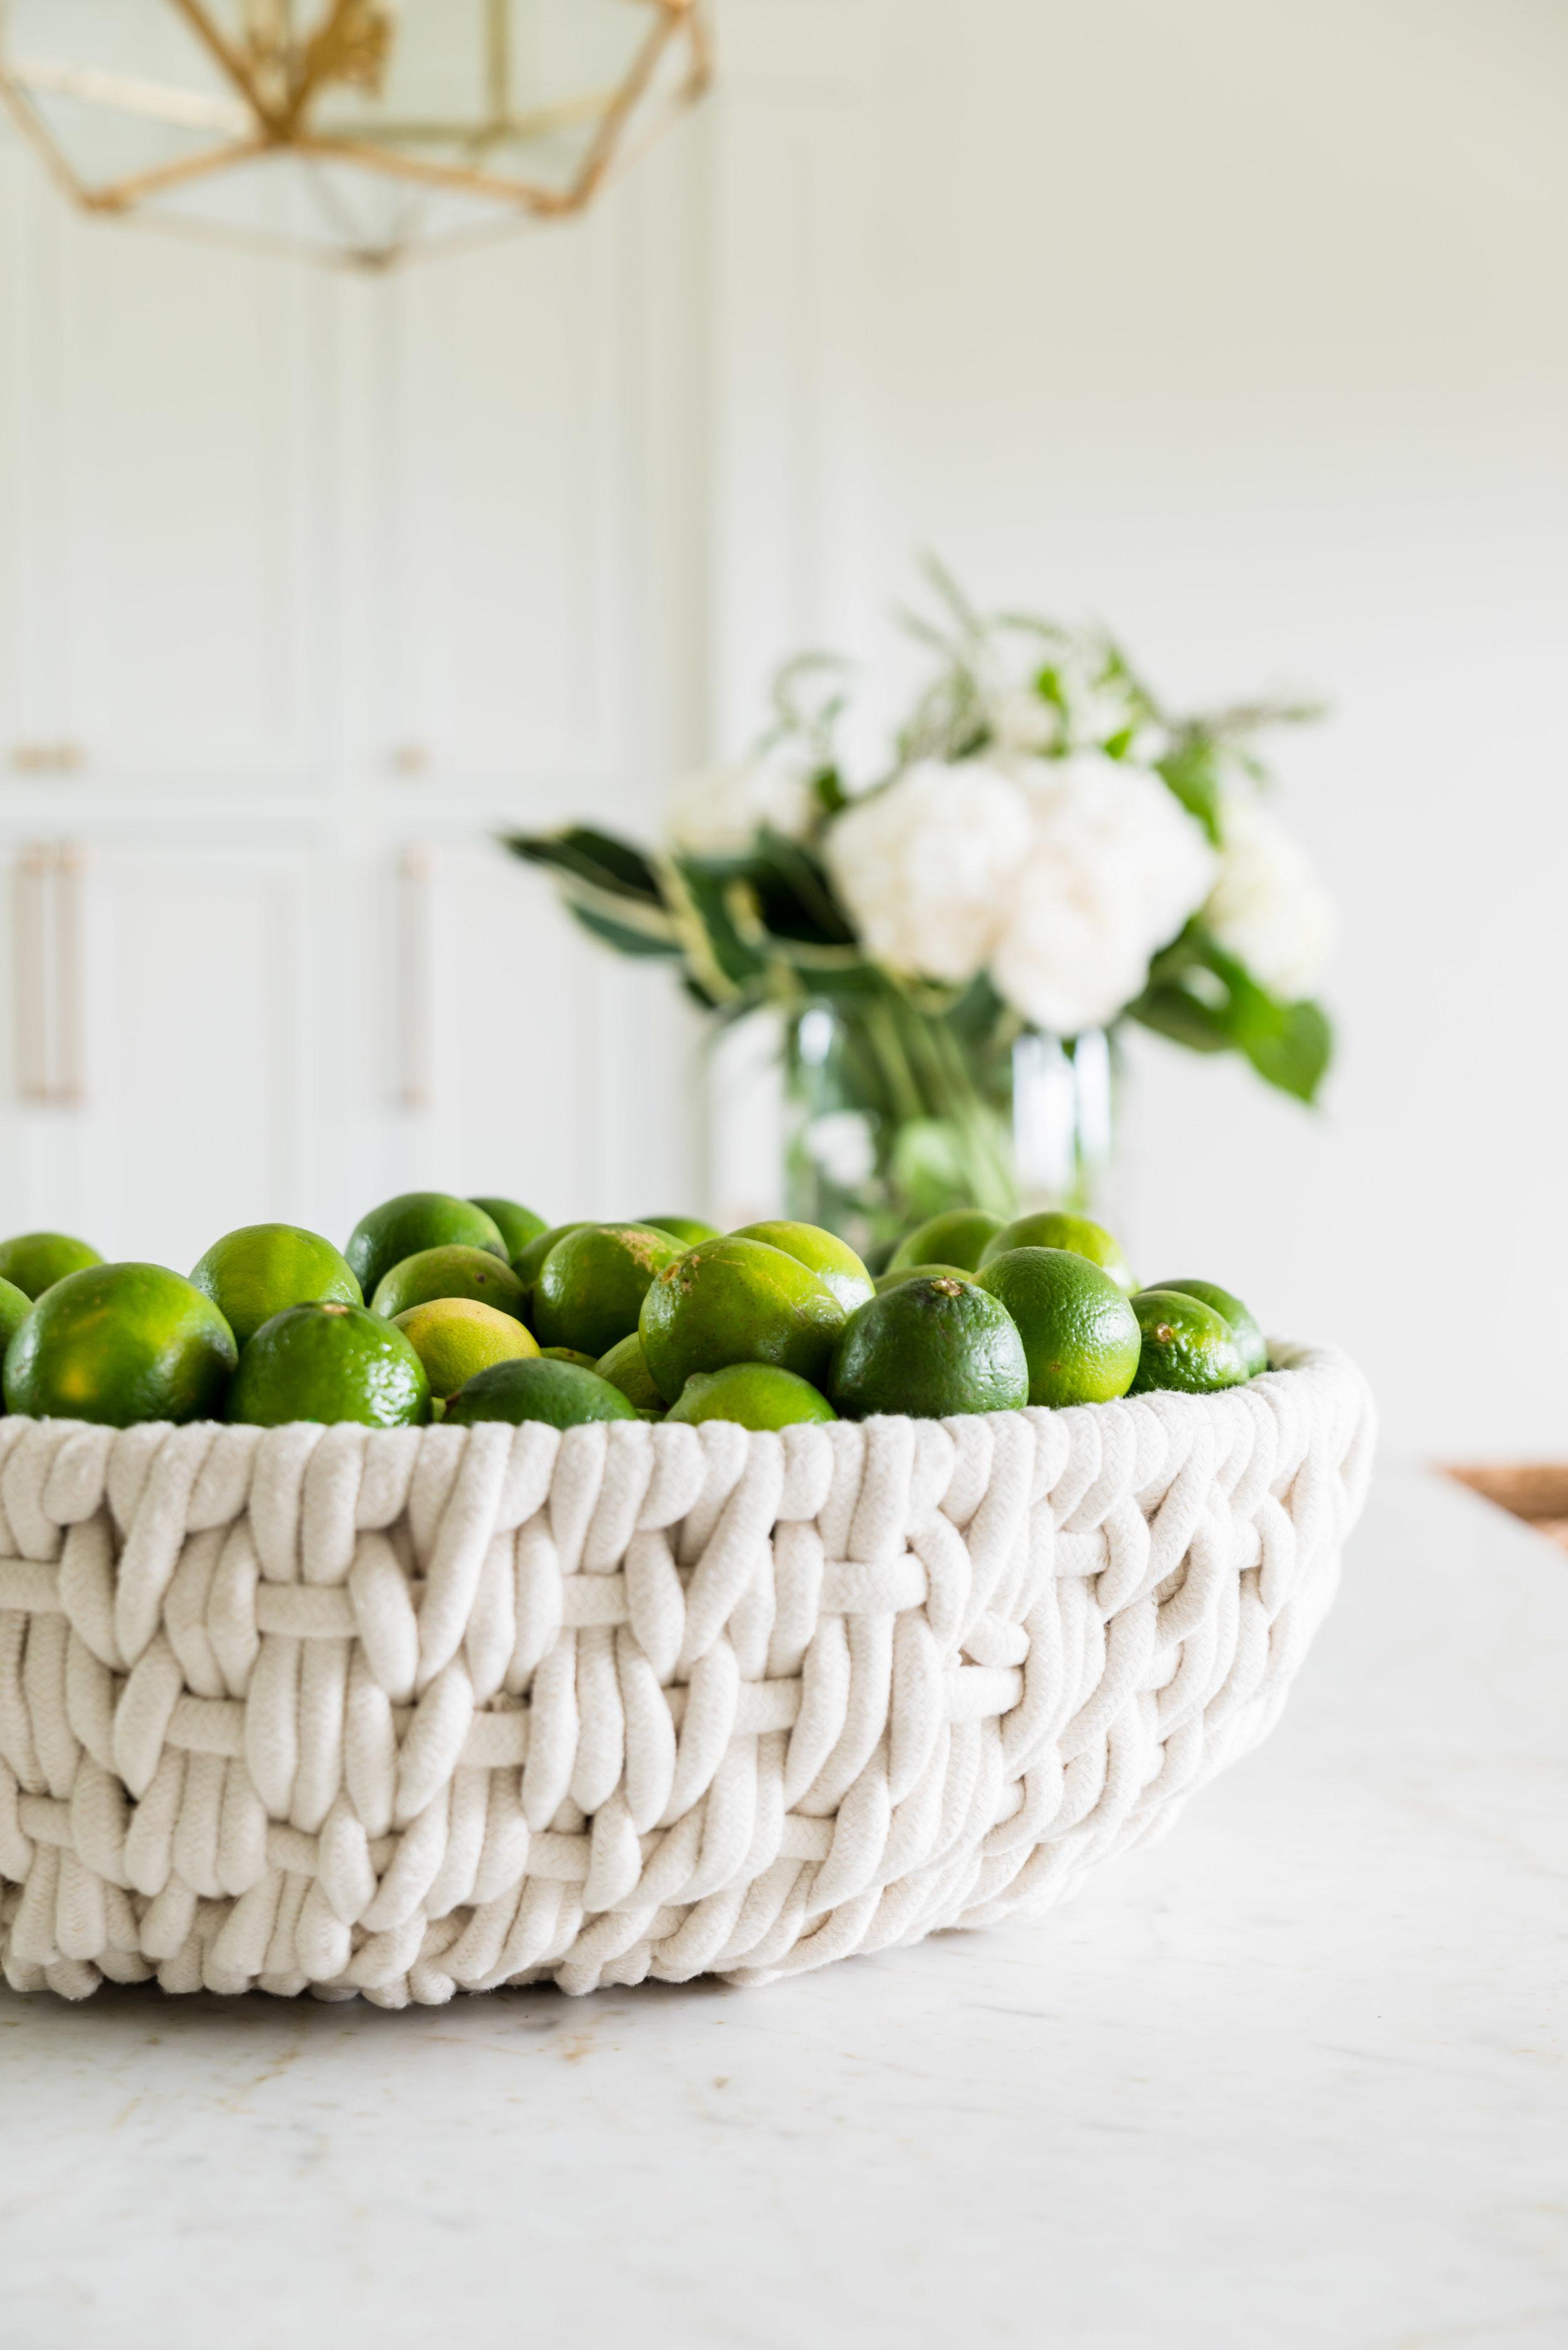 A rope bowl full of lemons